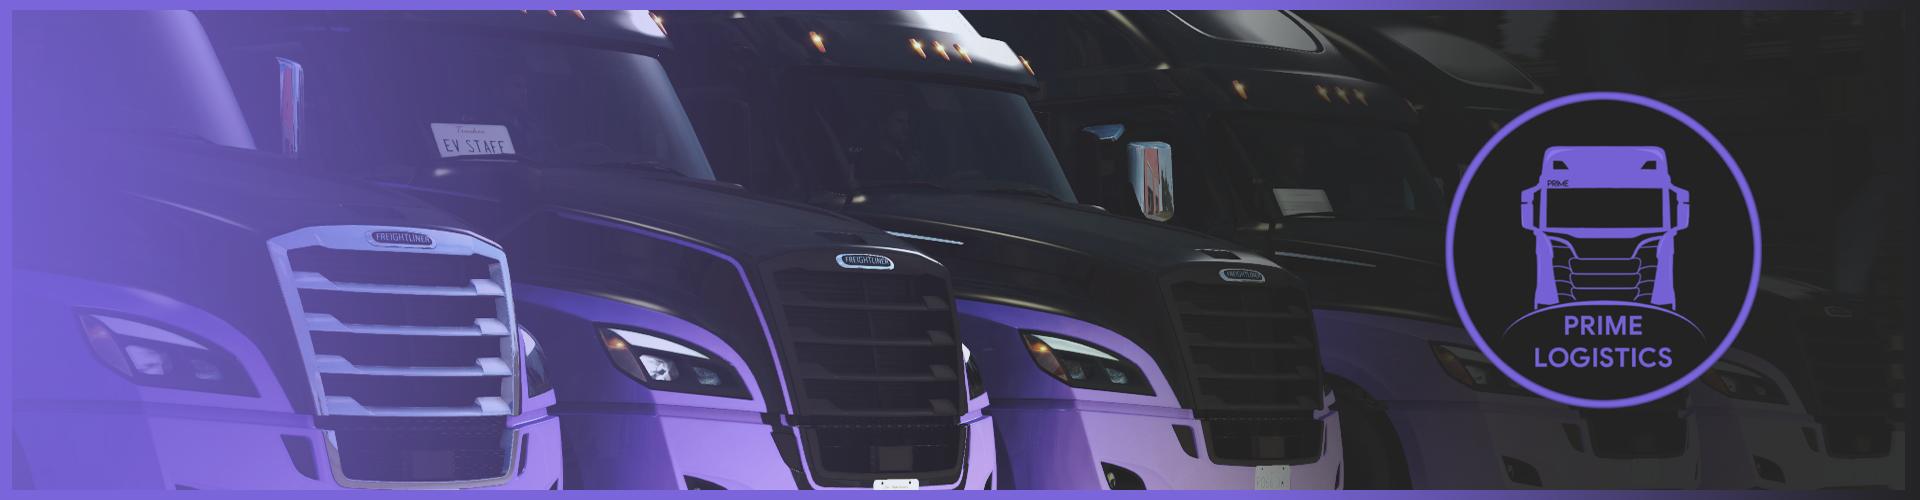 🟣 Prime Logistics ATS Convoy #9